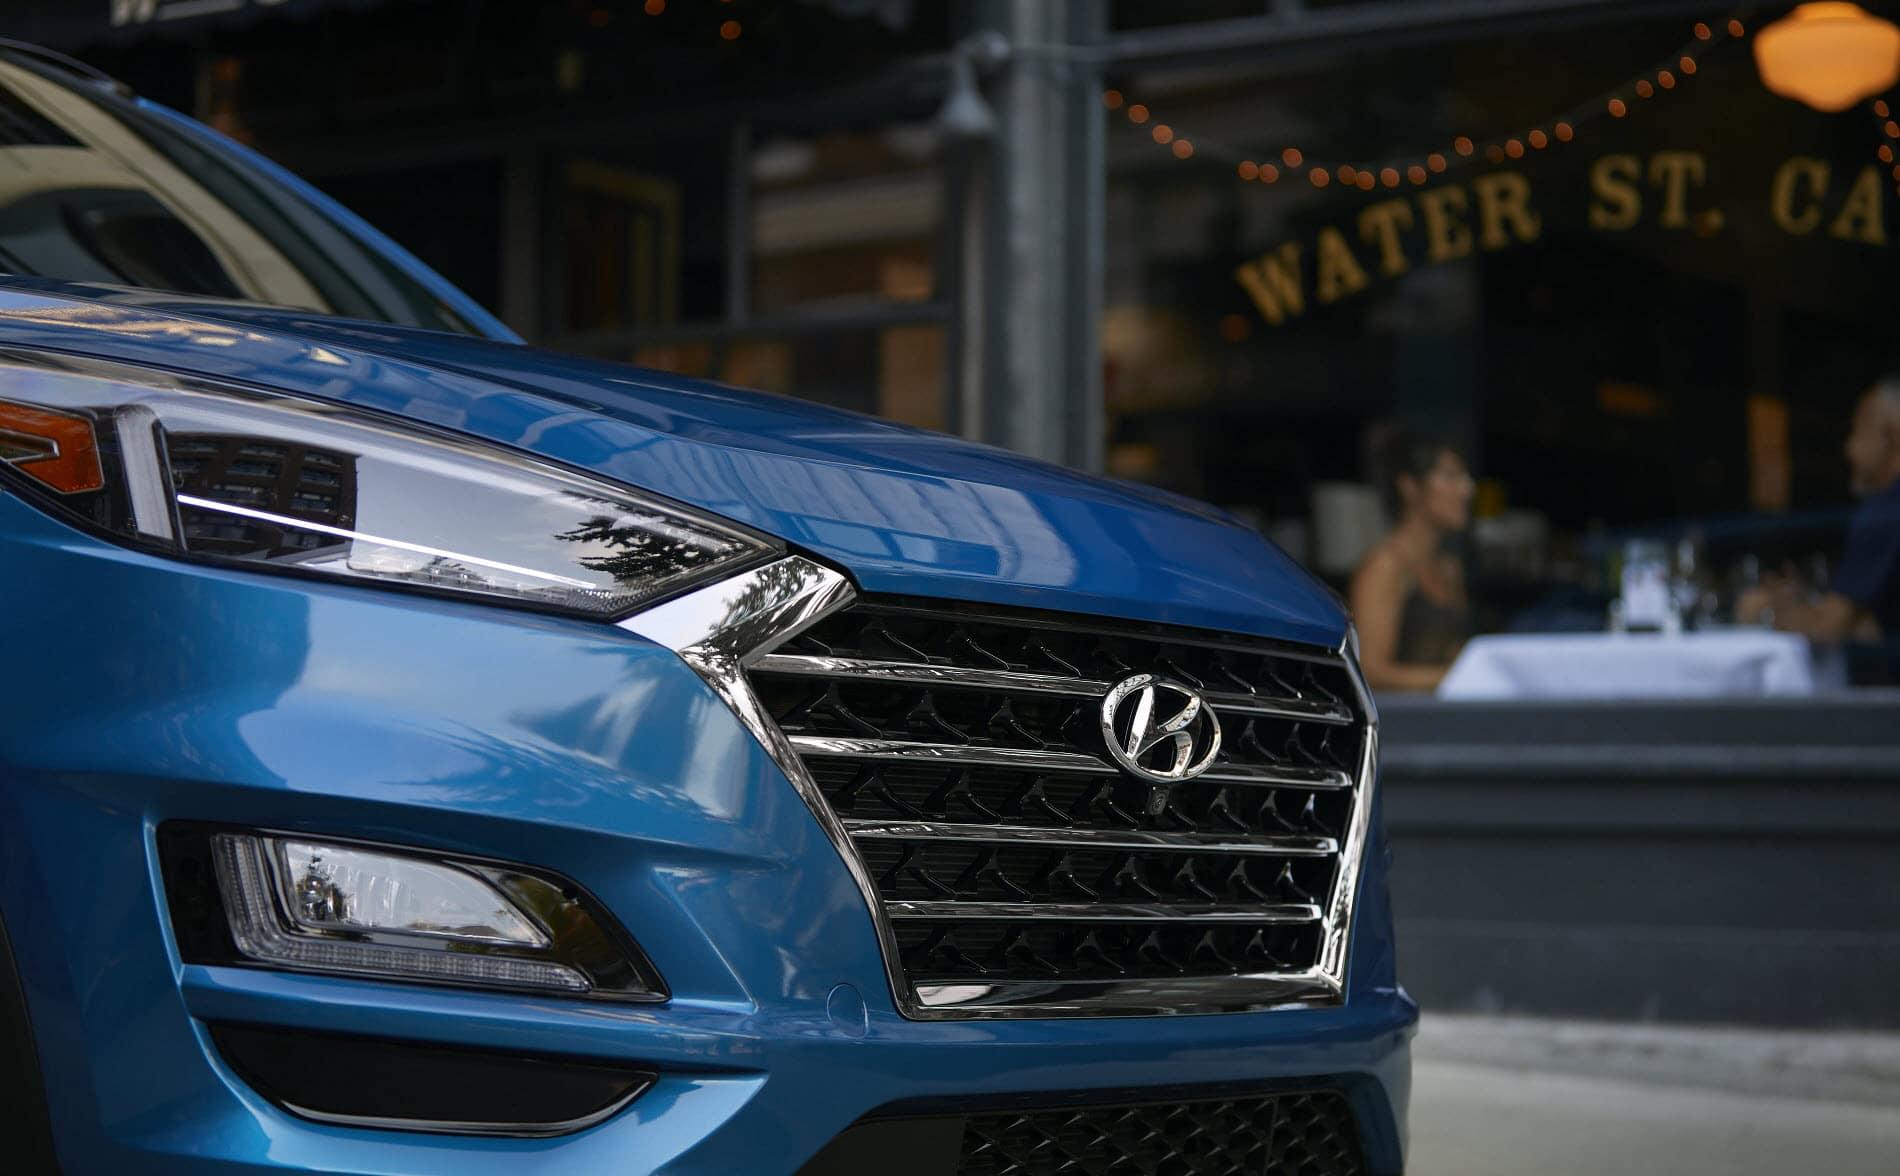 2020 Hyundai Tuscon Blue